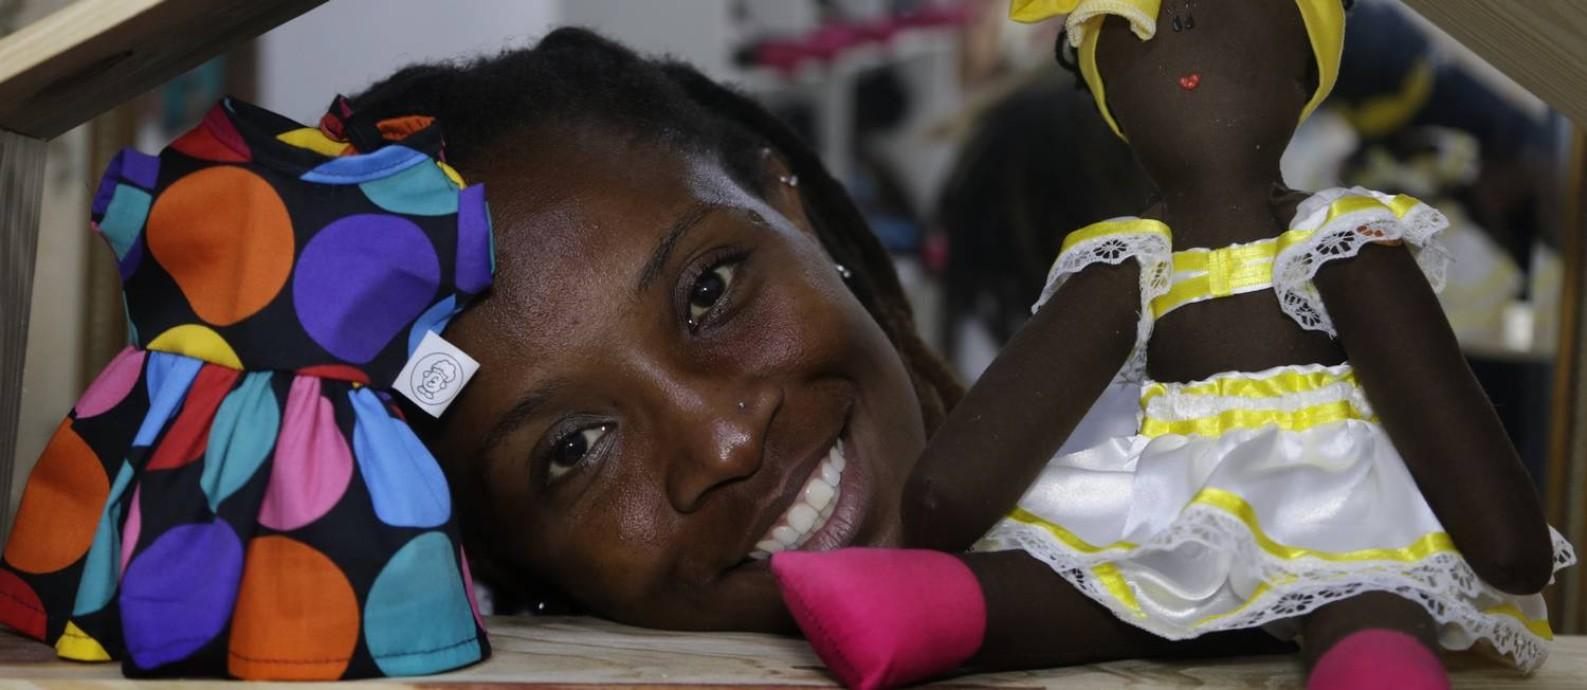 Jaciana Melquiades defende a representatividade em todas as áreas, sobretudo quando se trata da formação infantil Foto: Antonio Scorza / Agência O Globo